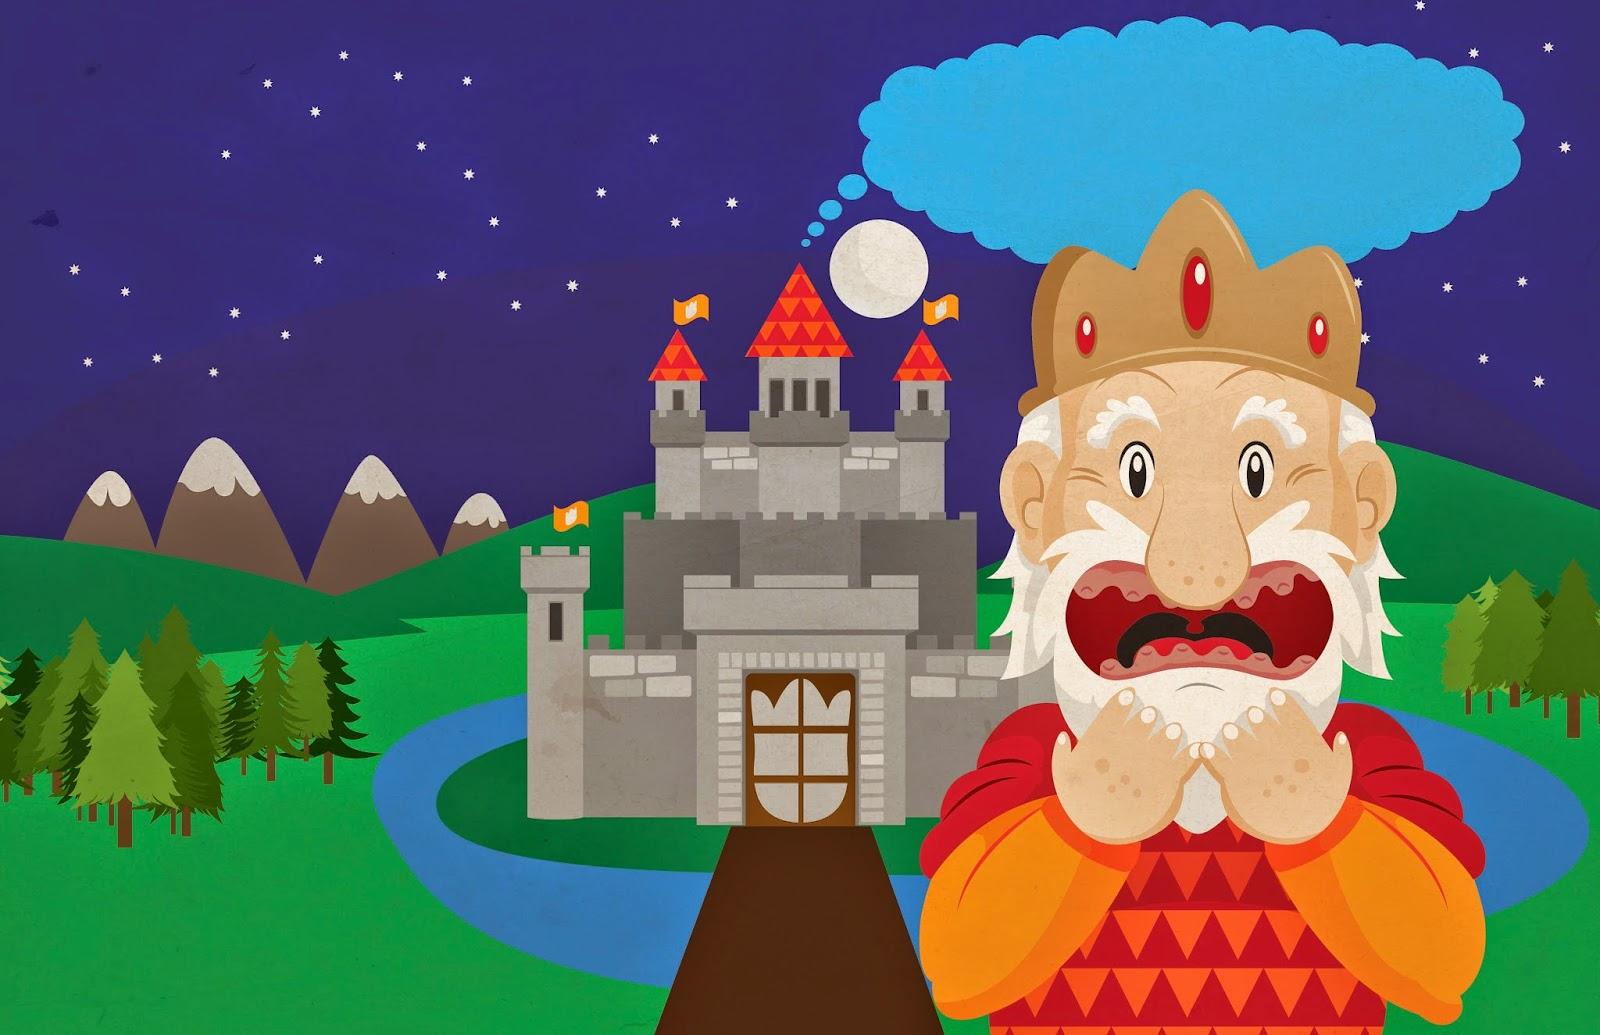 Ilustración infantil, cuento, Los dientes del rey, vector, castillo, king, castle, digital.